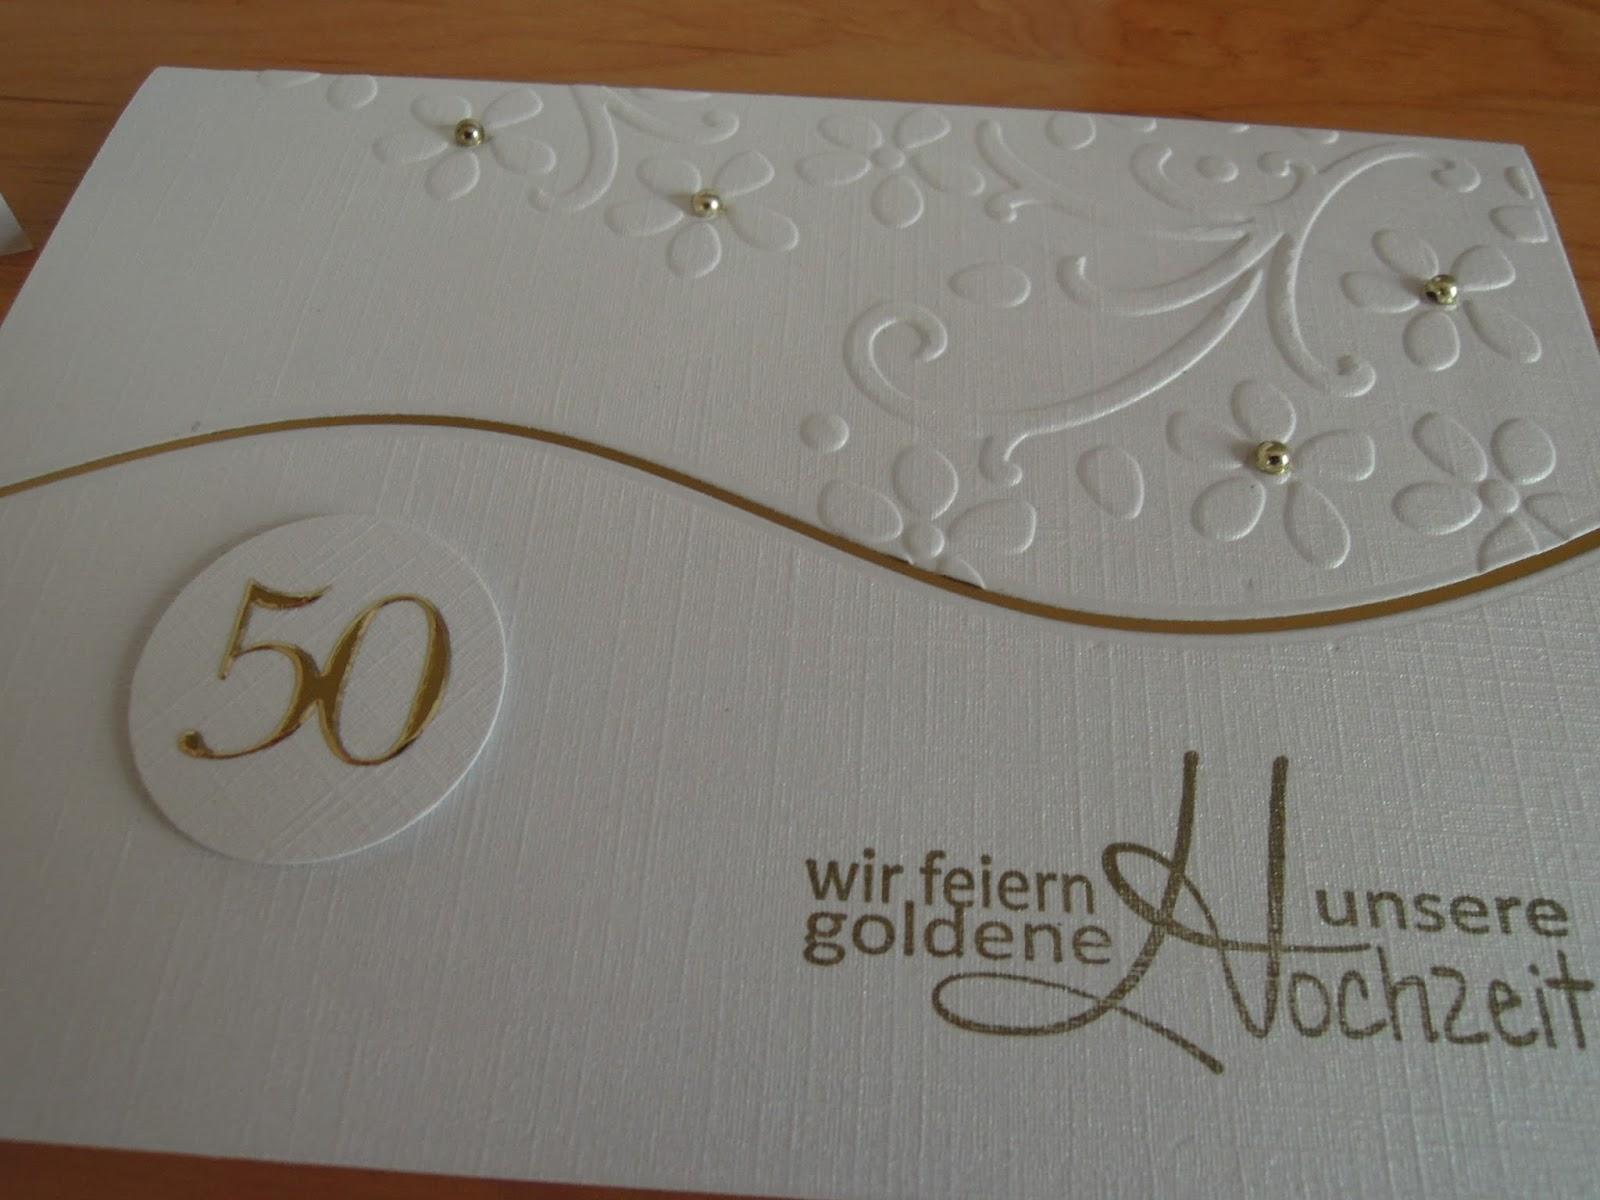 Stempeln Im Keller: Einladungskarten Zur Goldenen Hochzeit, Kreative  Einladungen